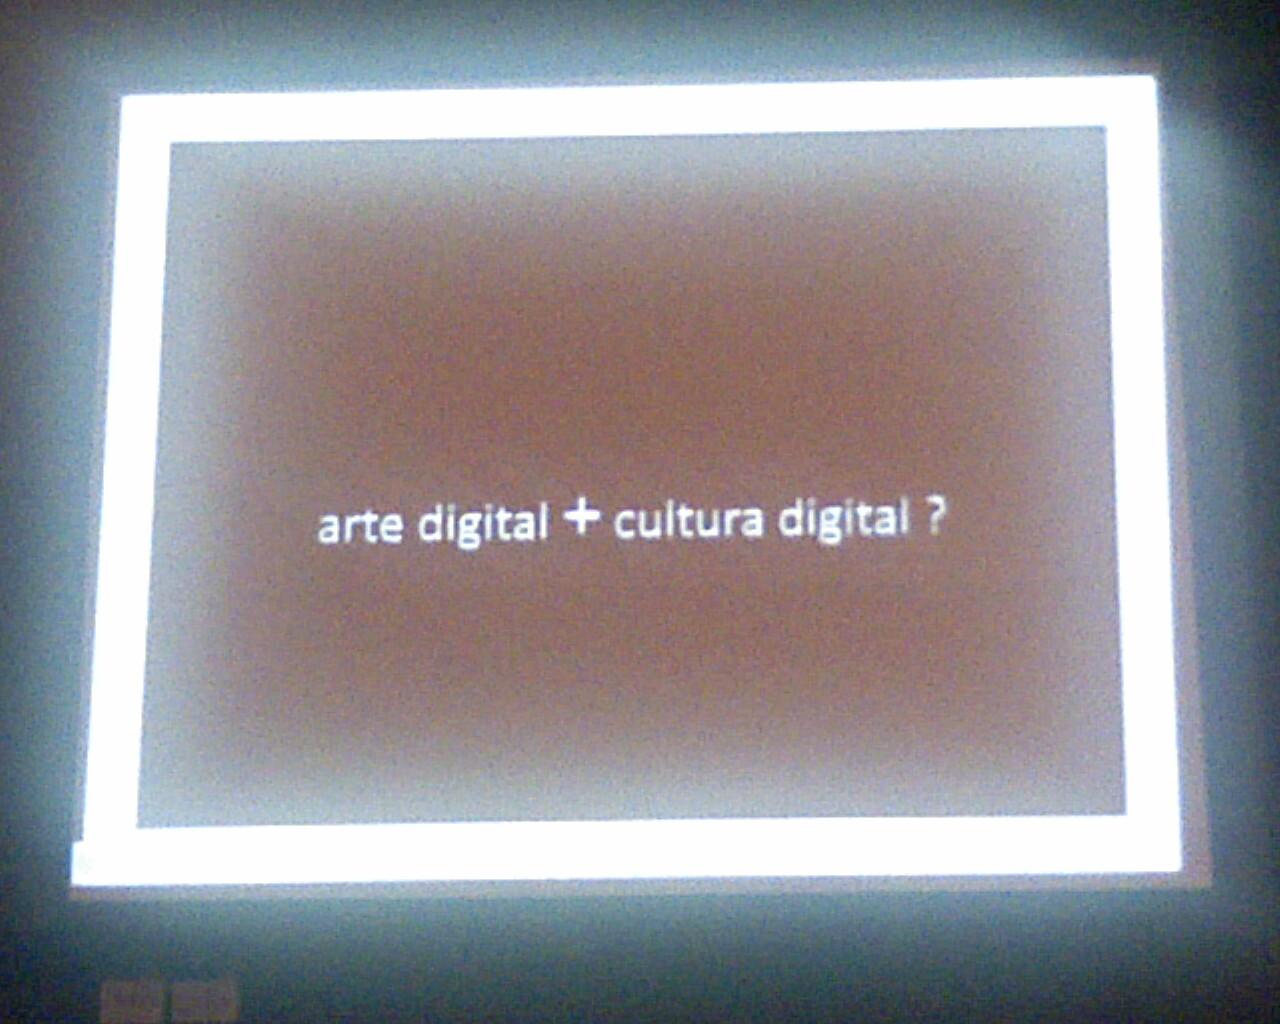 #CulturaDigital e Arte em debate no @abciber2011